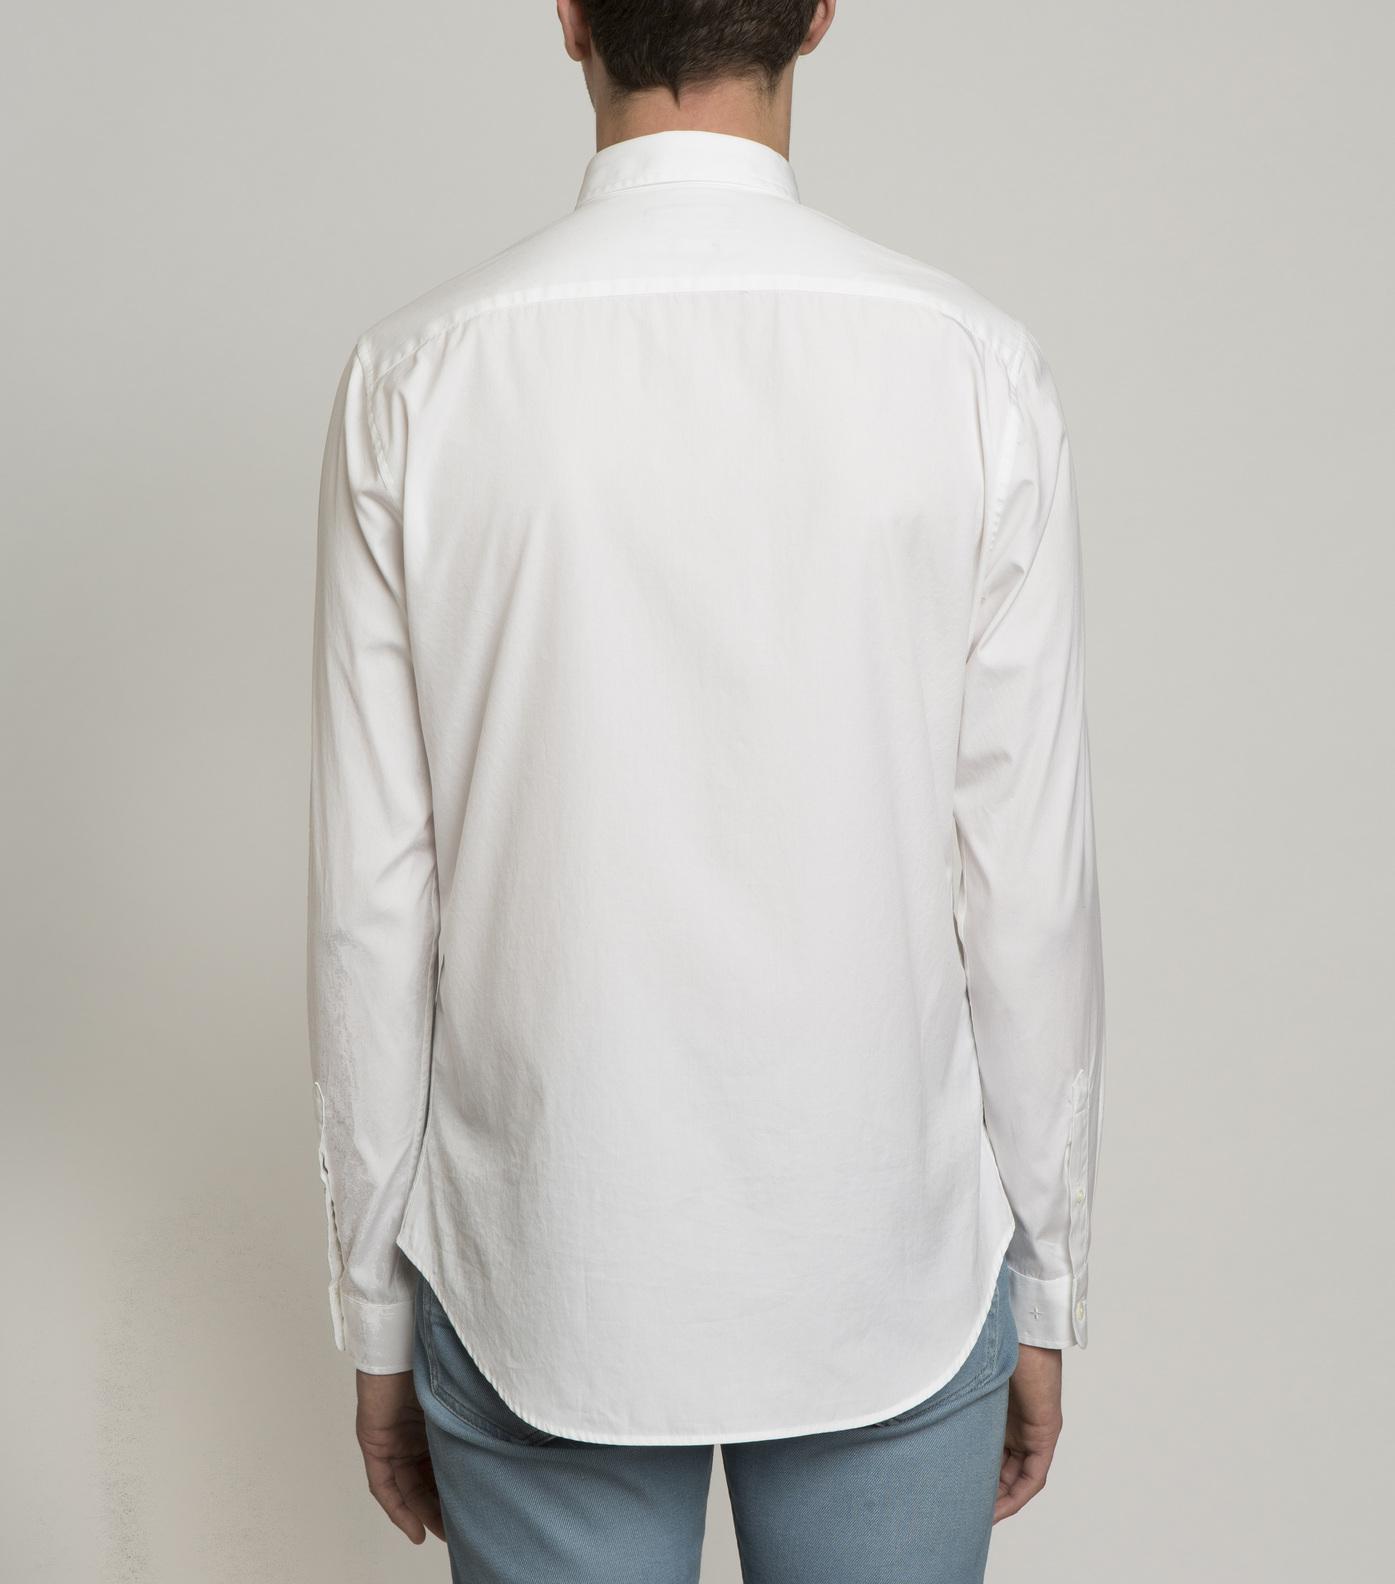 SHIRT ROSSEL-GR WHITE - White